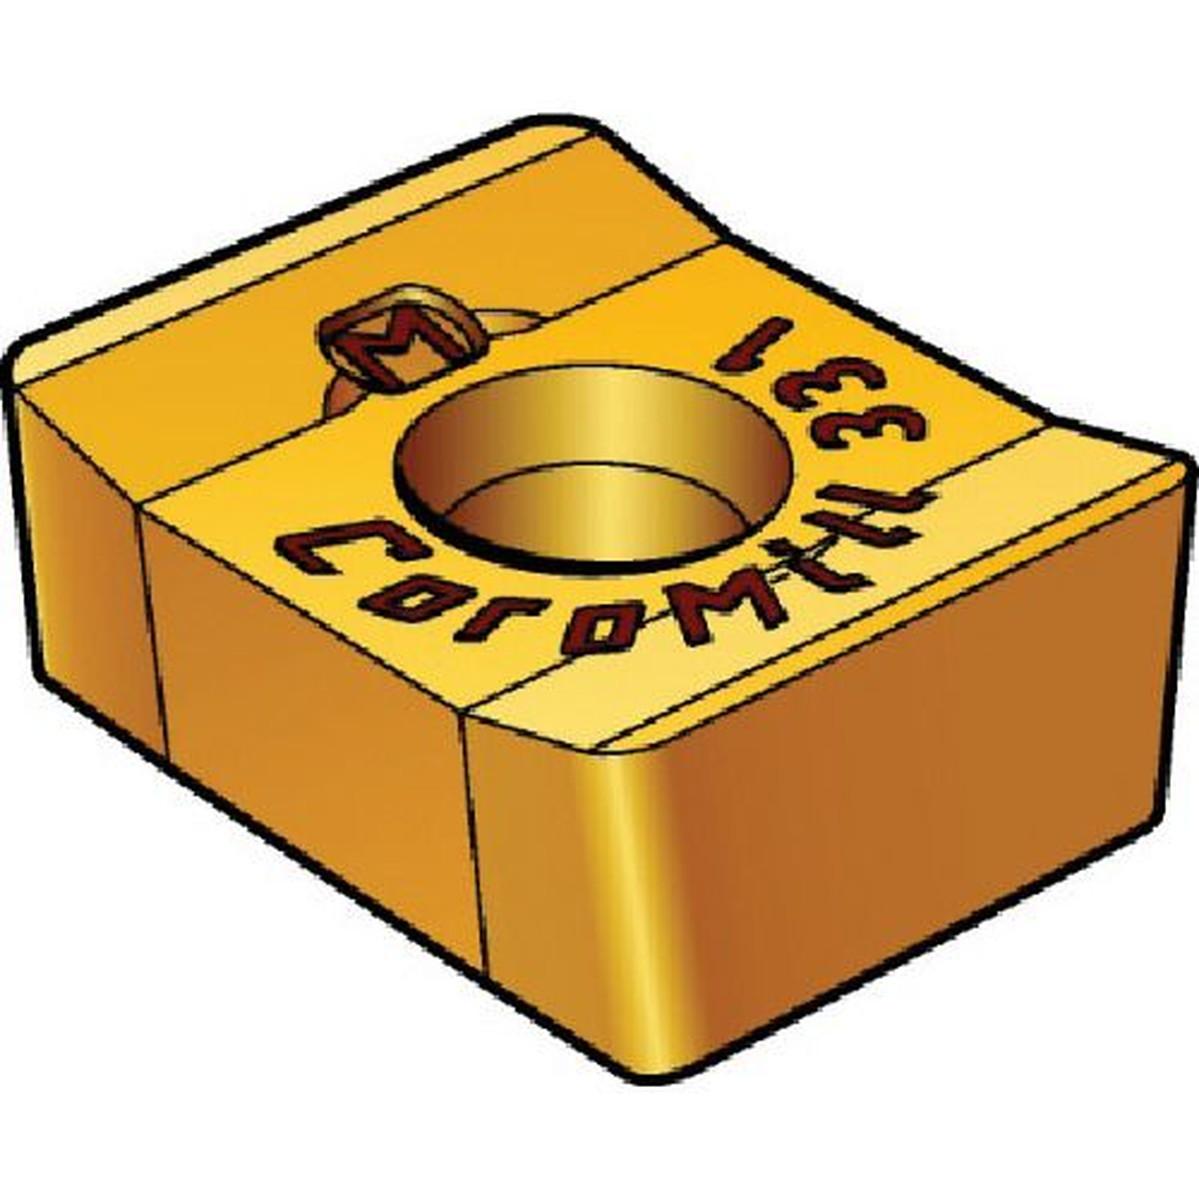 人気の サンドビック コロミル331用チップ コロミル331用チップ 10個 サンドビック 530 10個, エアコンマート神奈川店:39da2d8a --- promotime.lt